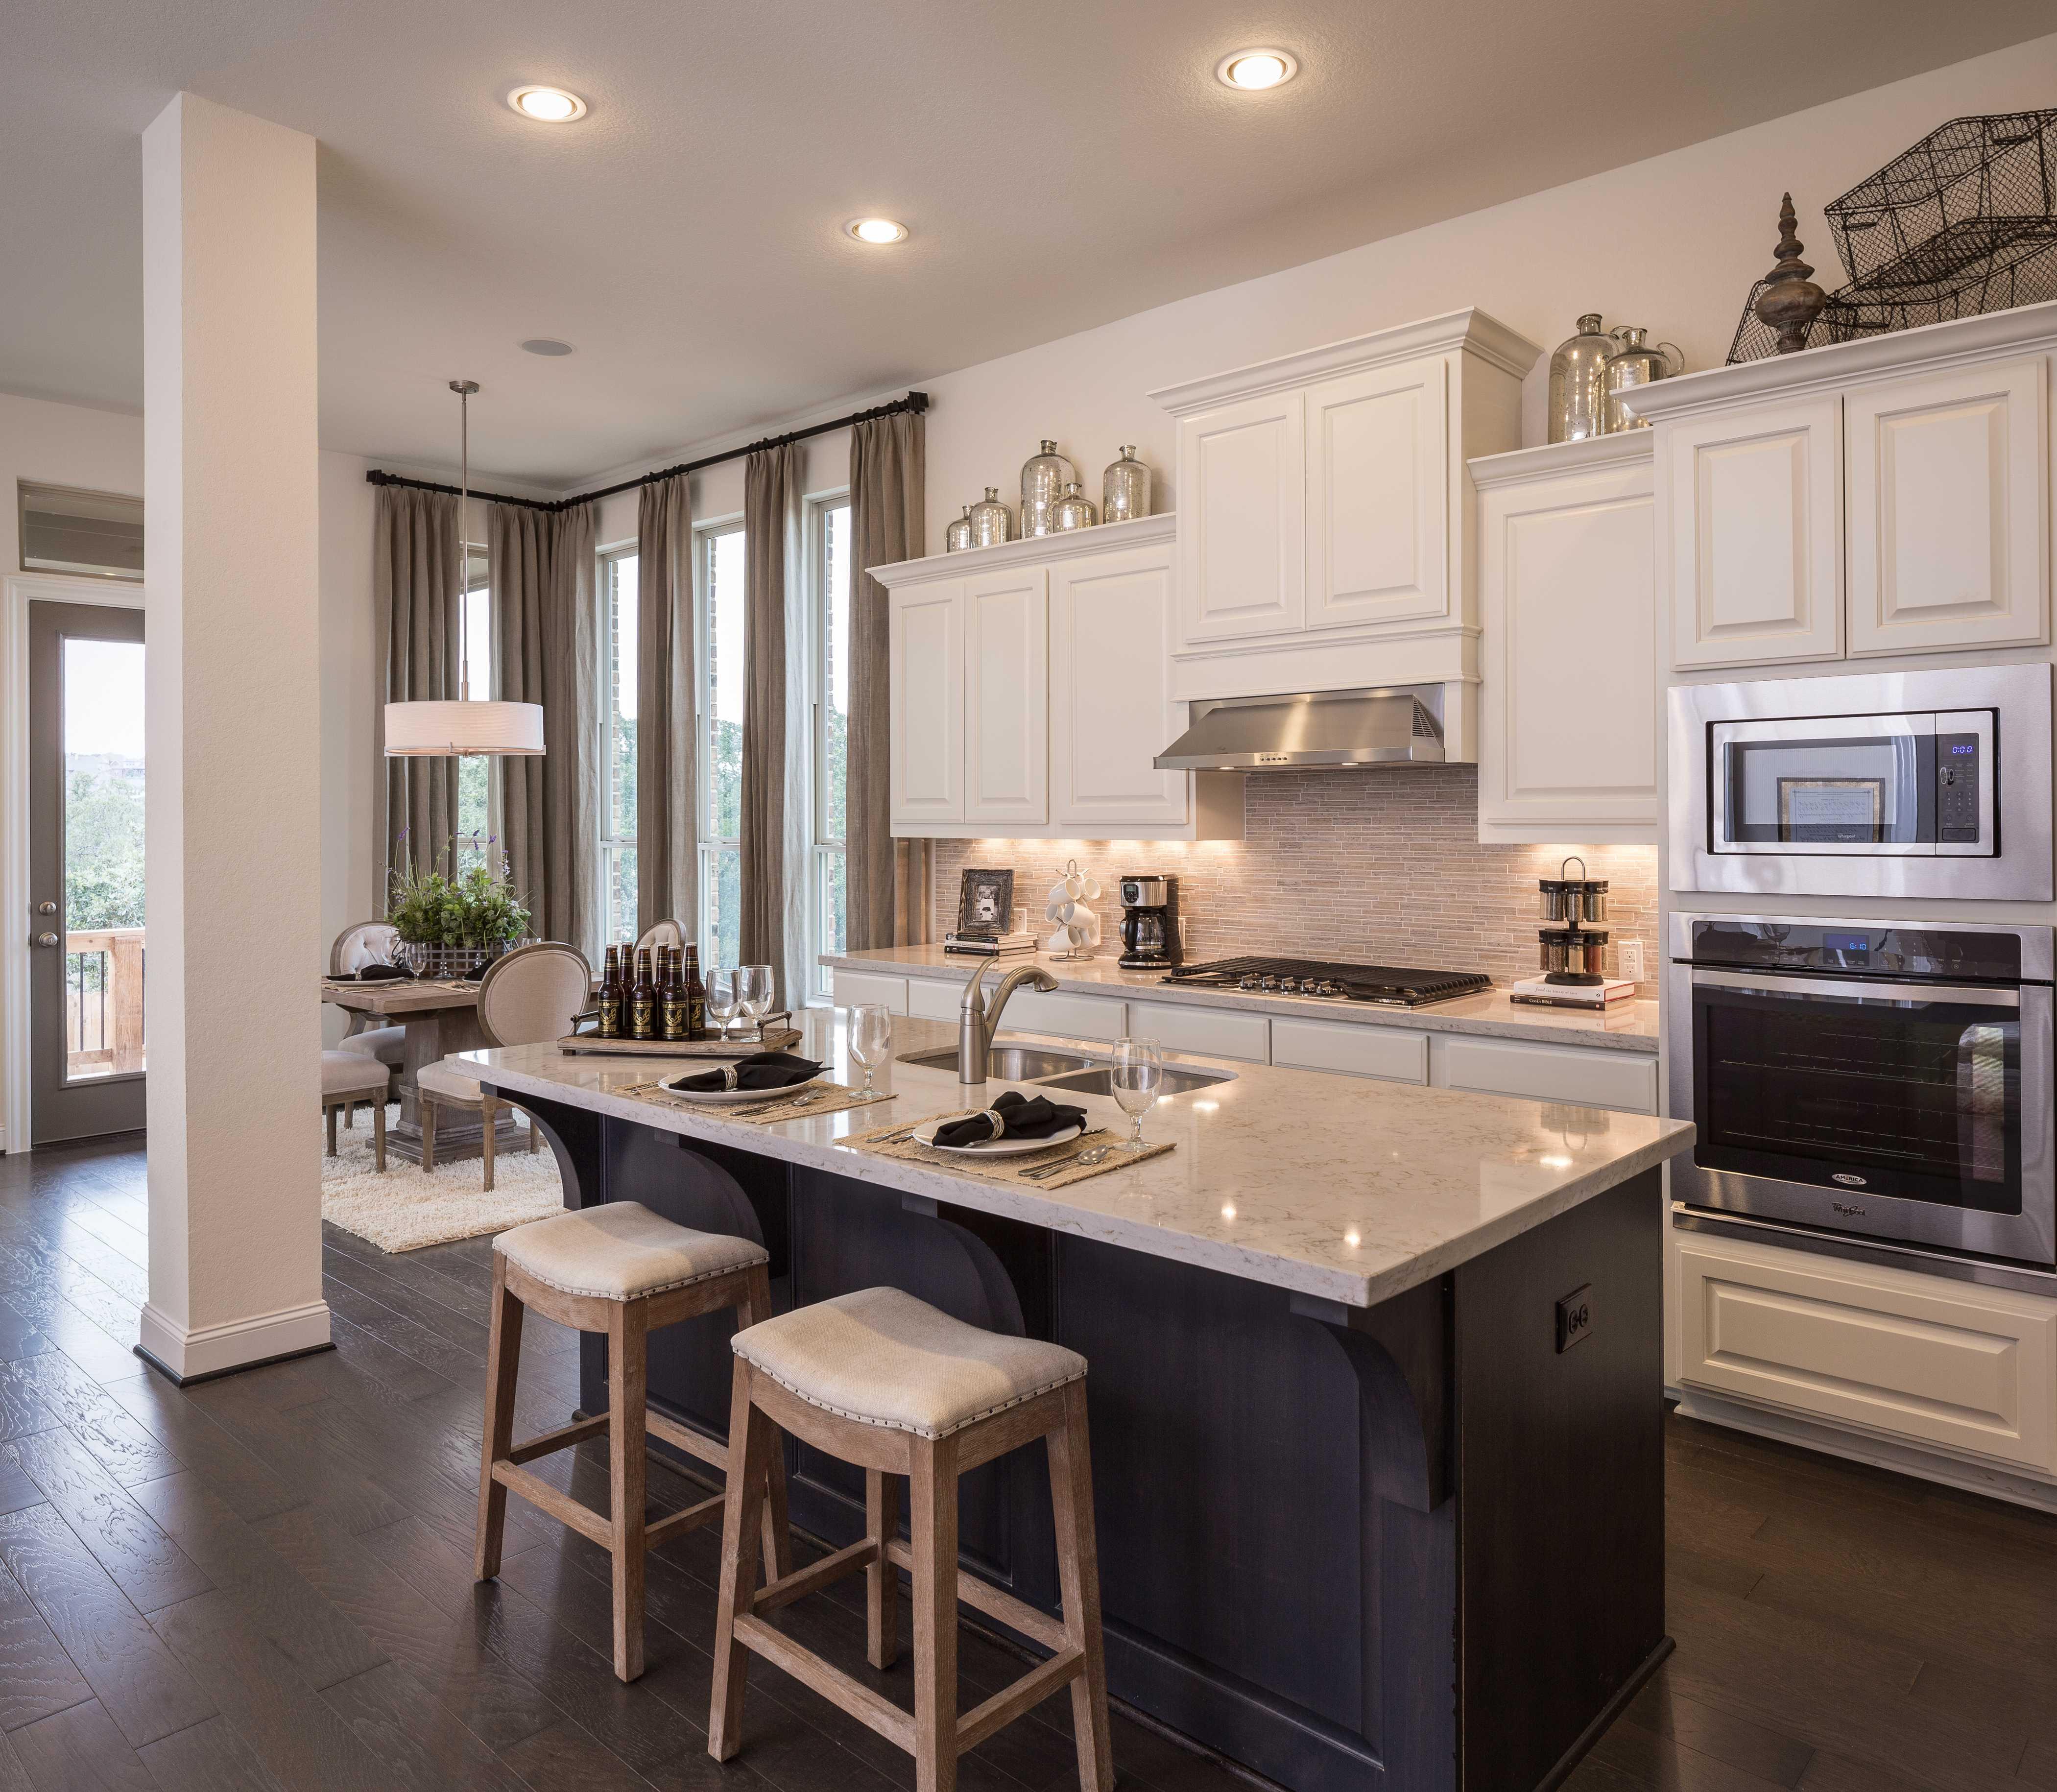 Kitchen Cabinets In San Antonio: Model Home In San Antonio Texas, Coronado Community